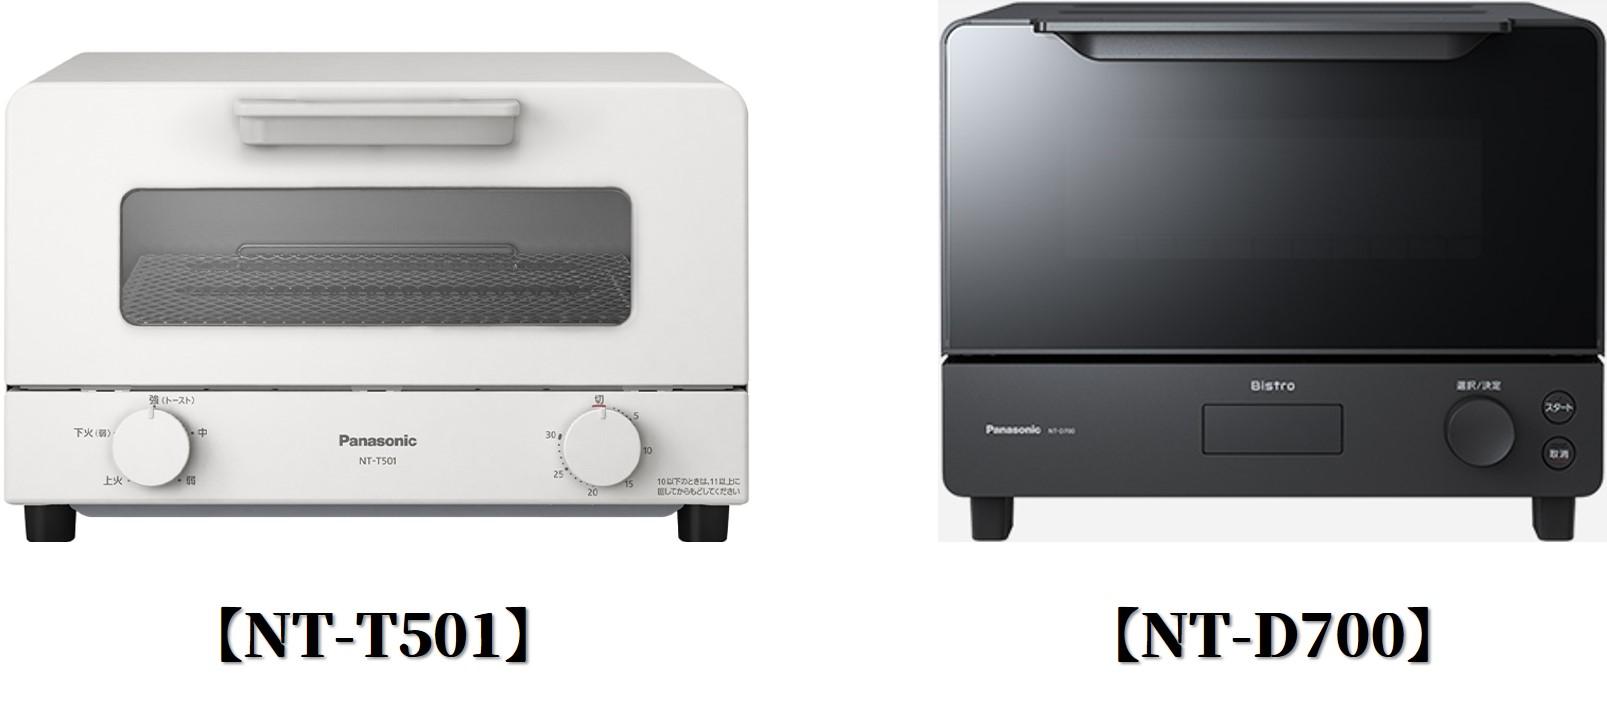 パナソニックのトースター新製品「NT-T501」と「NT-D700」の見た目